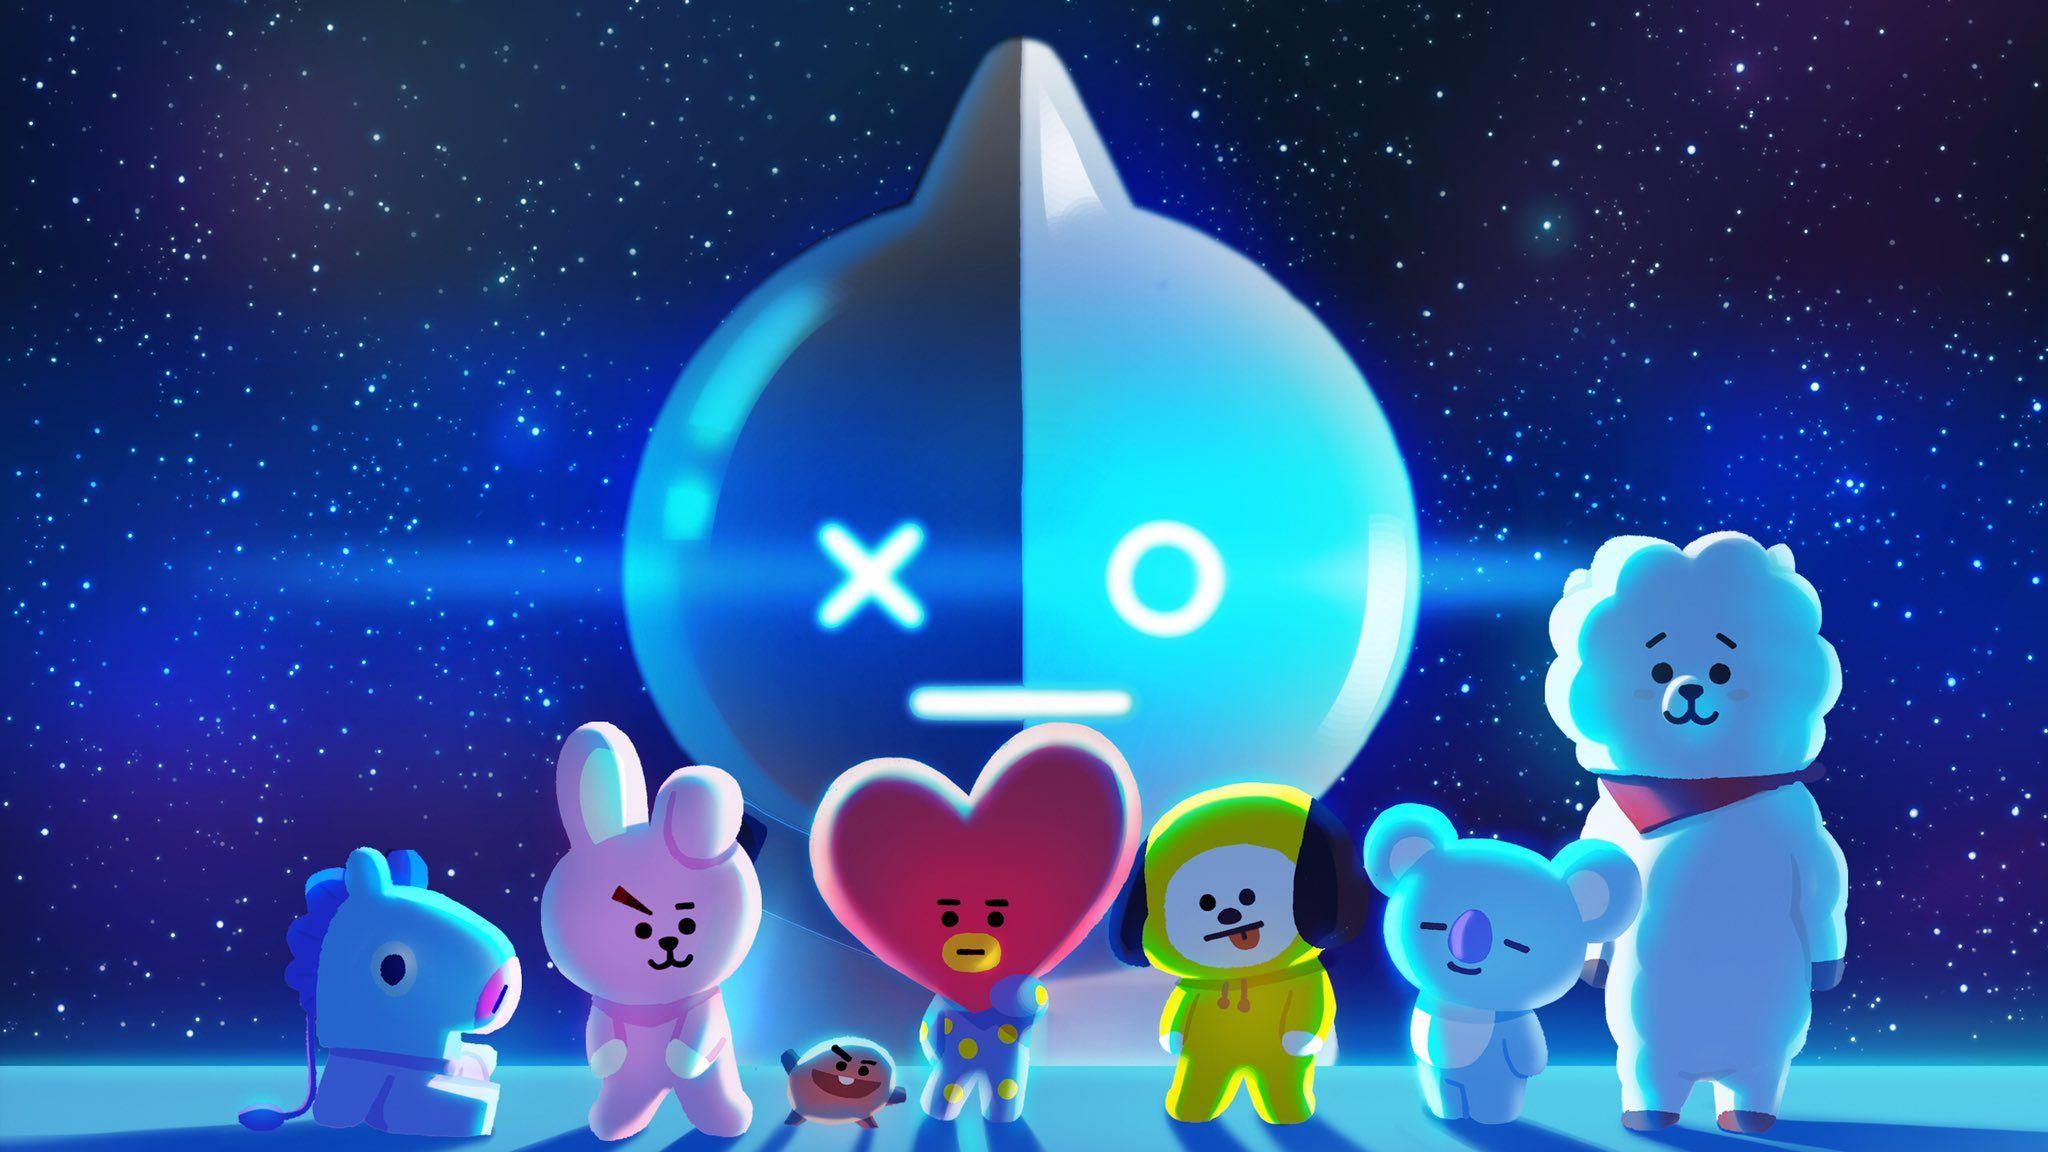 Bt21 On Twitter Bts Emoji Line Friends Bts Fanart